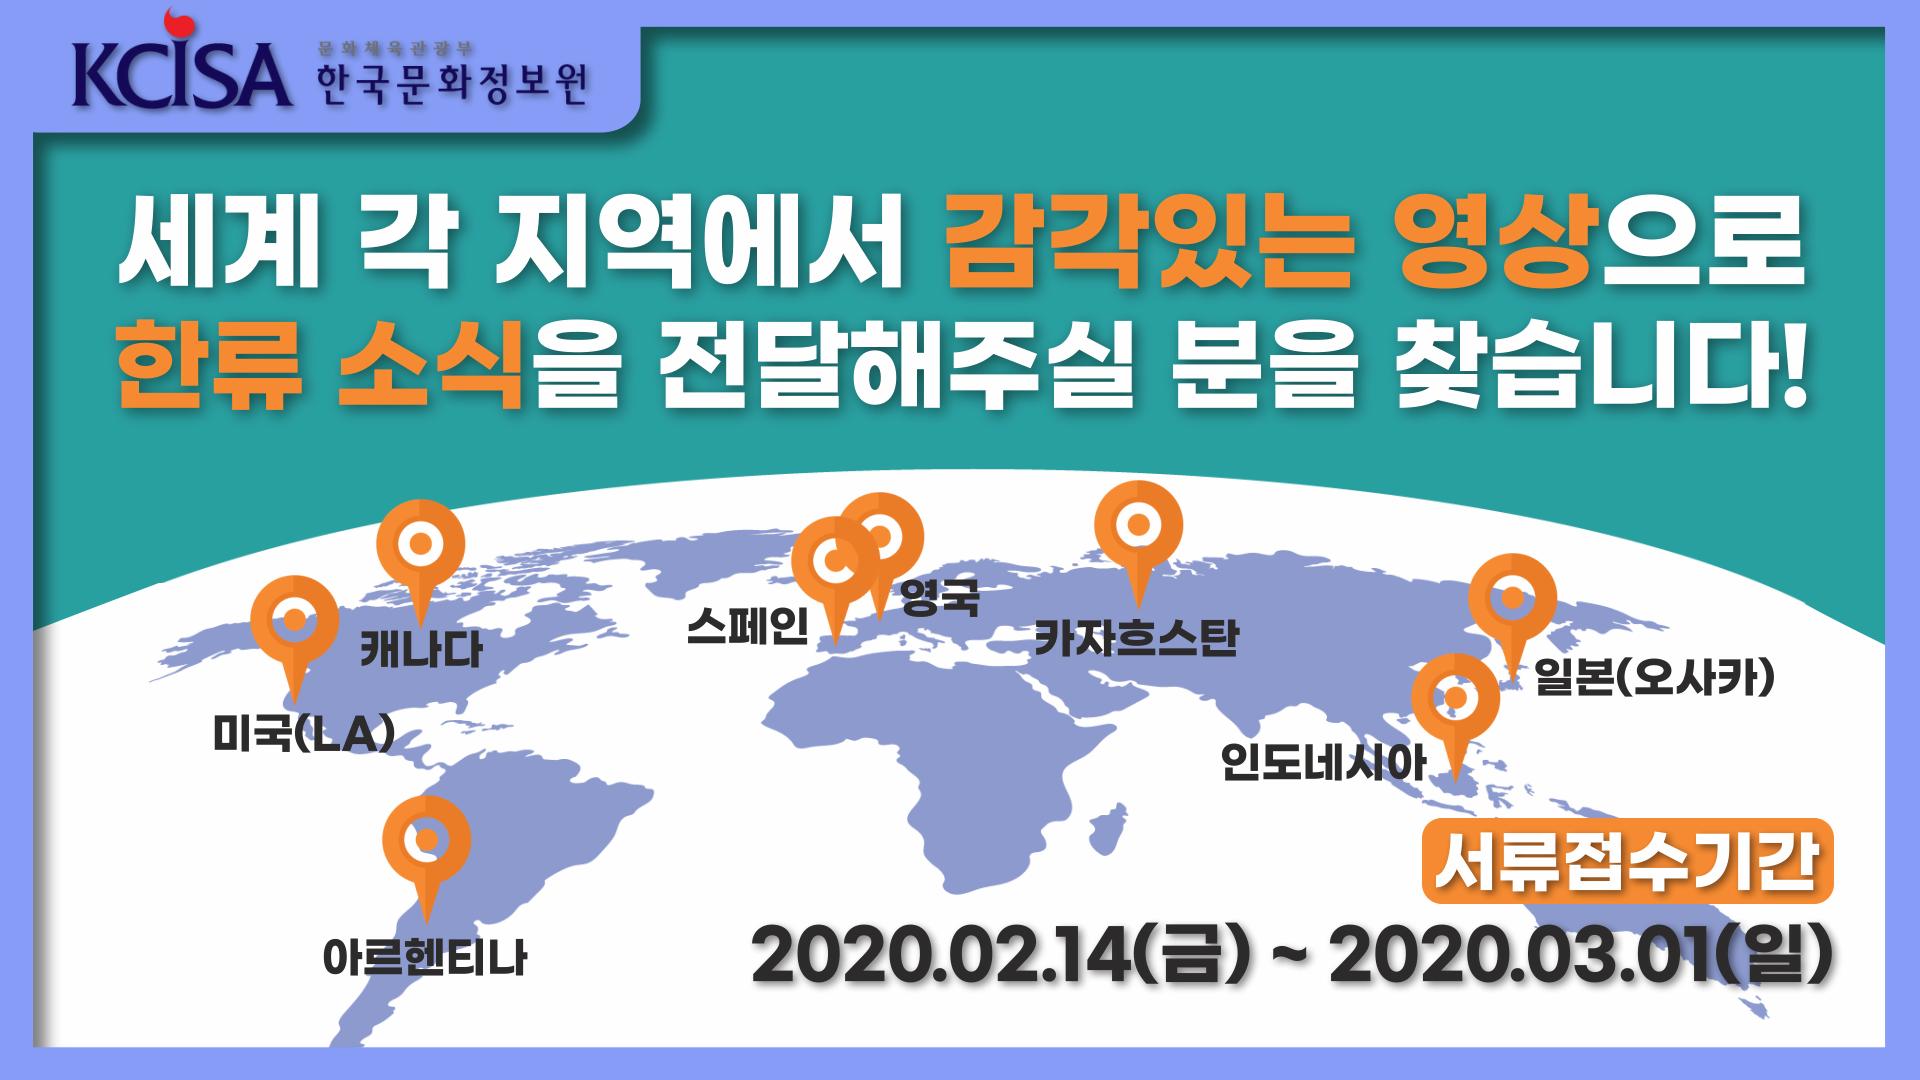 ※해외에서 일하고 싶은 1인 콘텐츠 크리에이터 주목해주세요!!!!※_해외문화PD 9기 모집